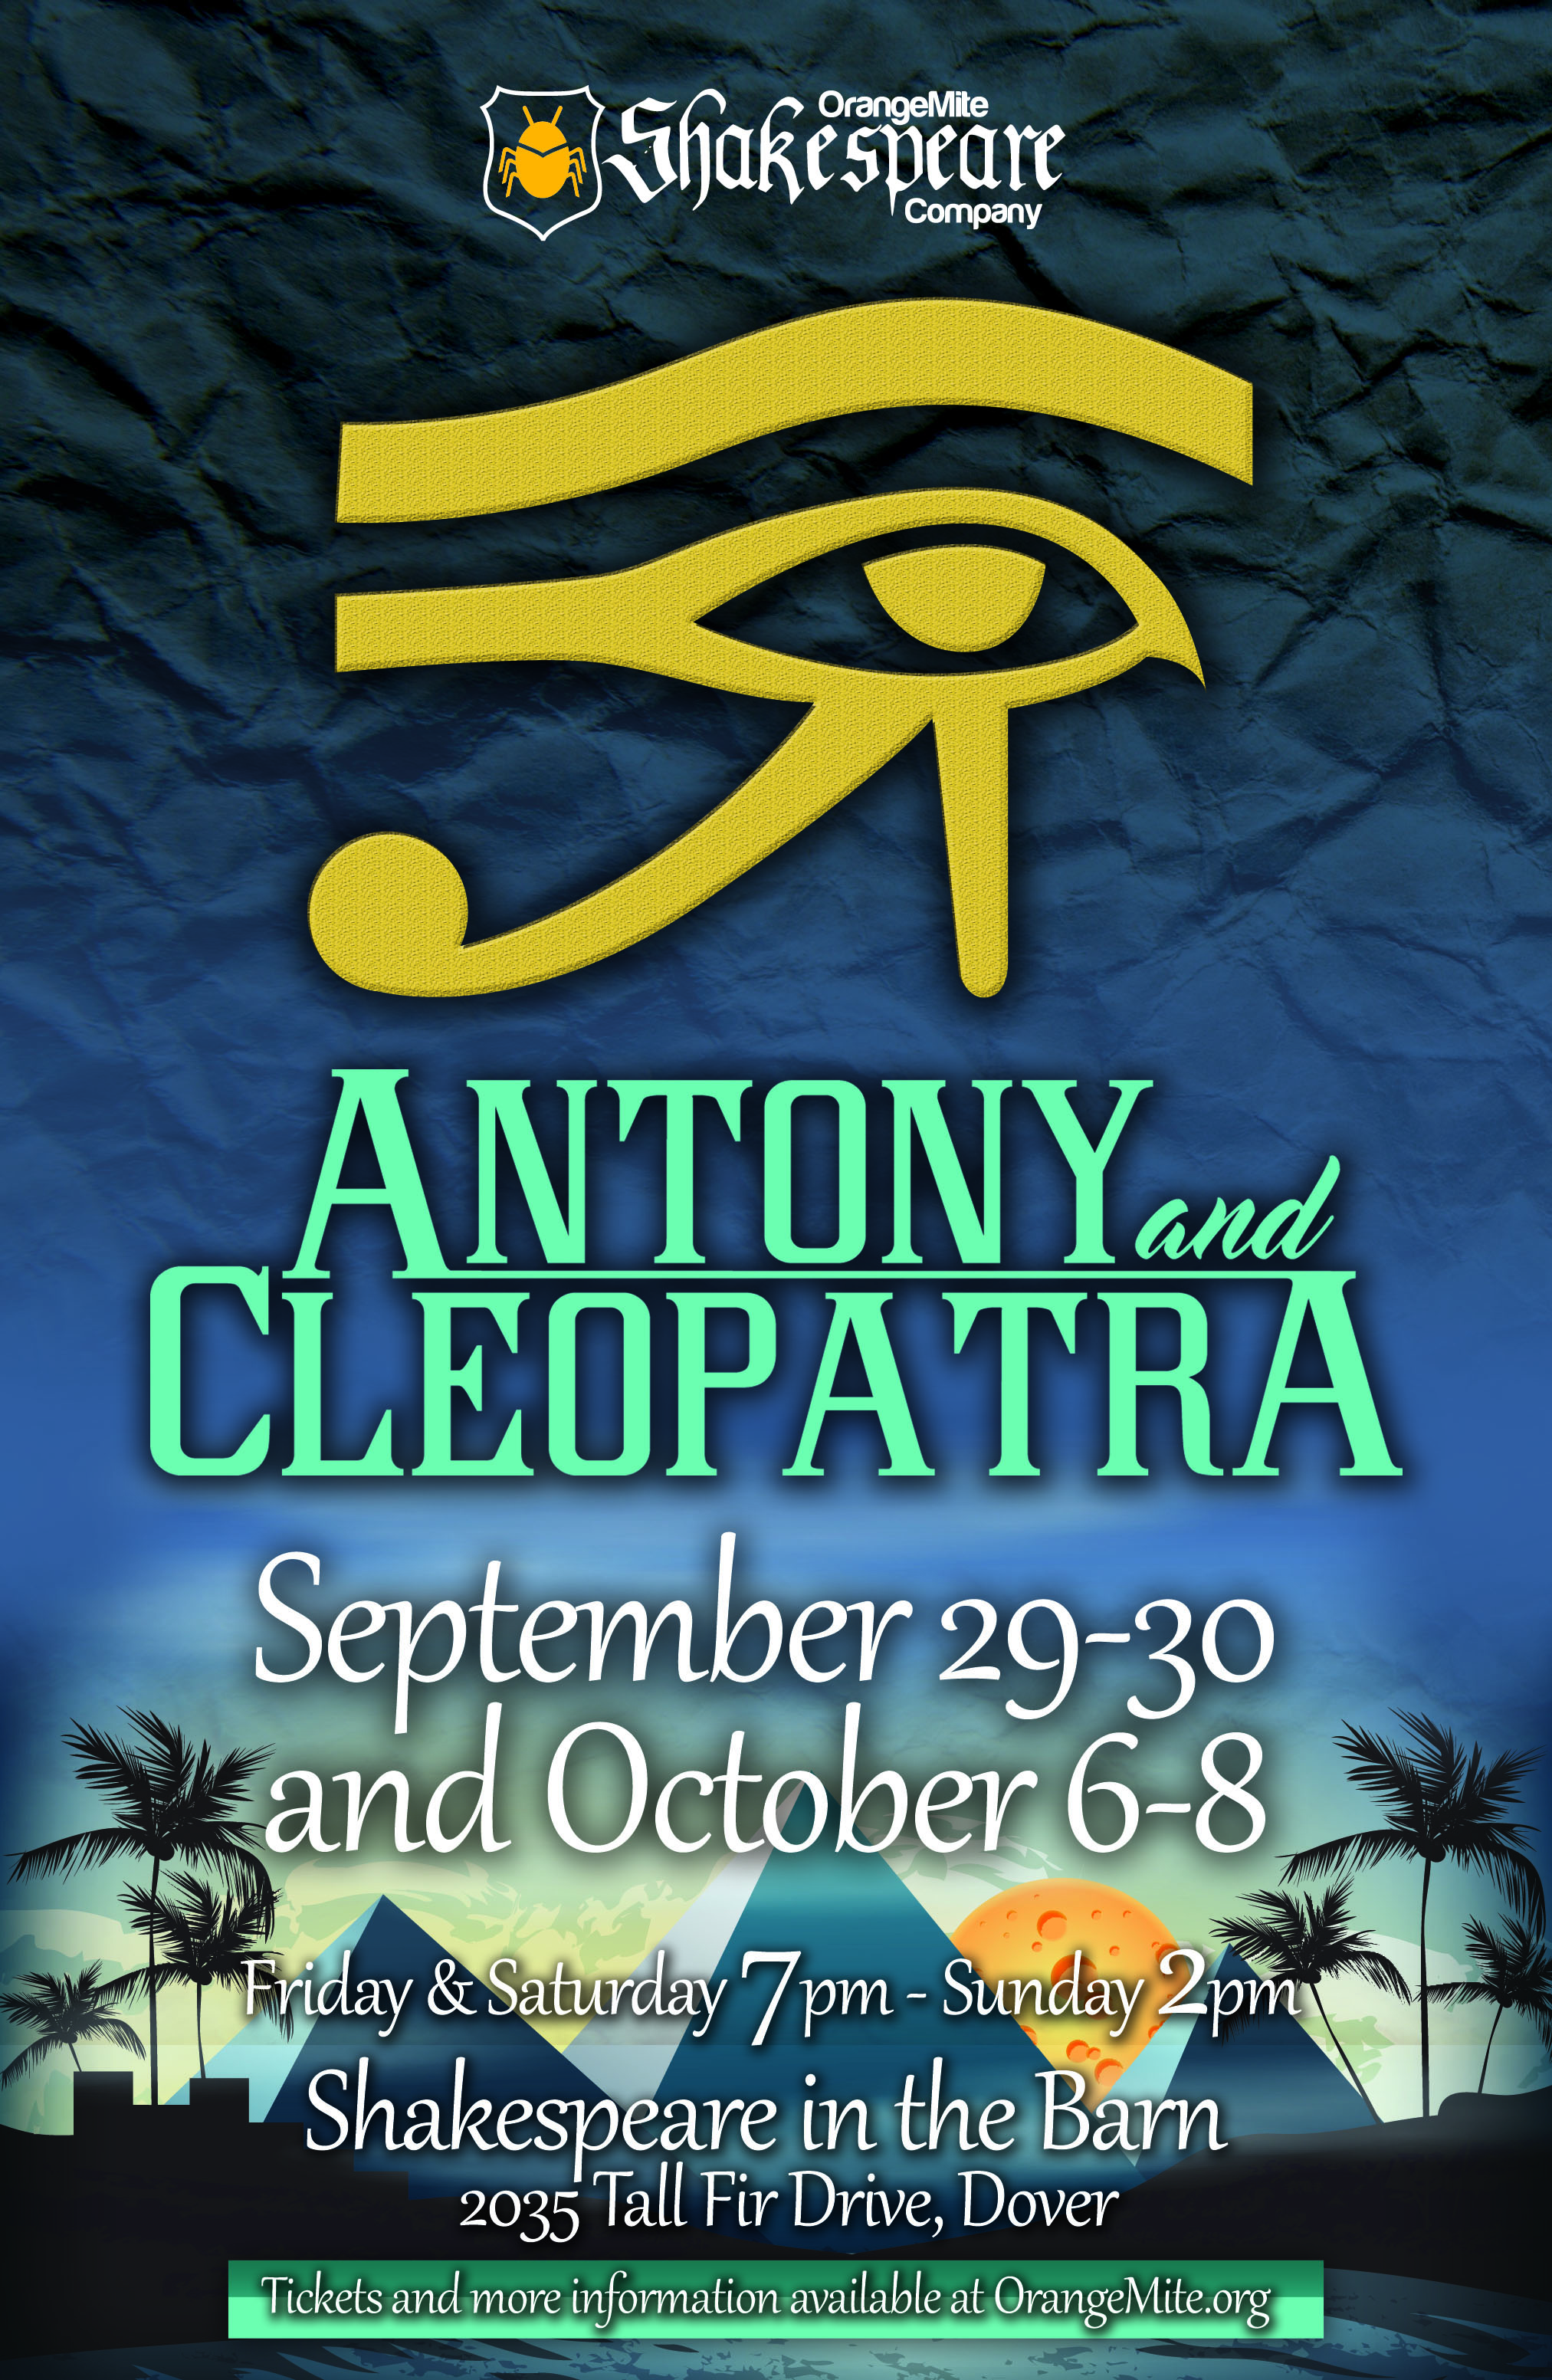 ANTONY AND CLEOPATRA - SEPT. 2017